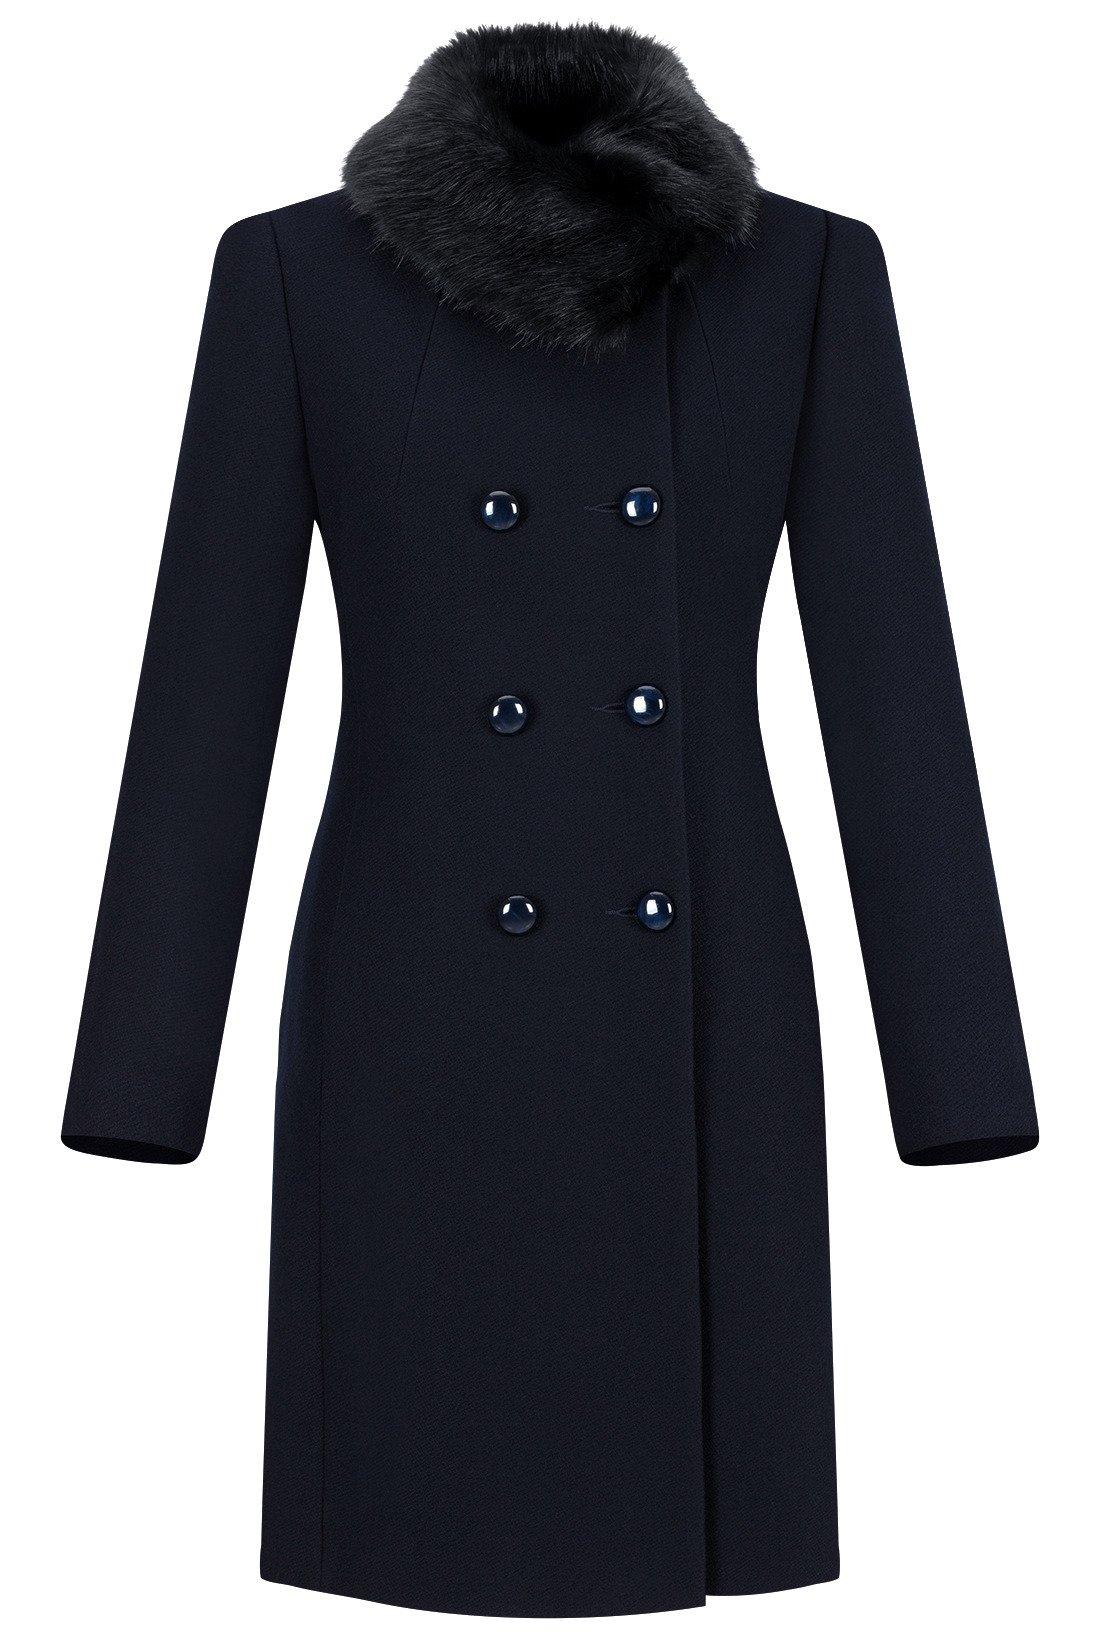 d89222f756868 Dwurzędowy płaszcz damski zimowy Sonia granatowy z wełną Kliknij, aby  powiększyć ...